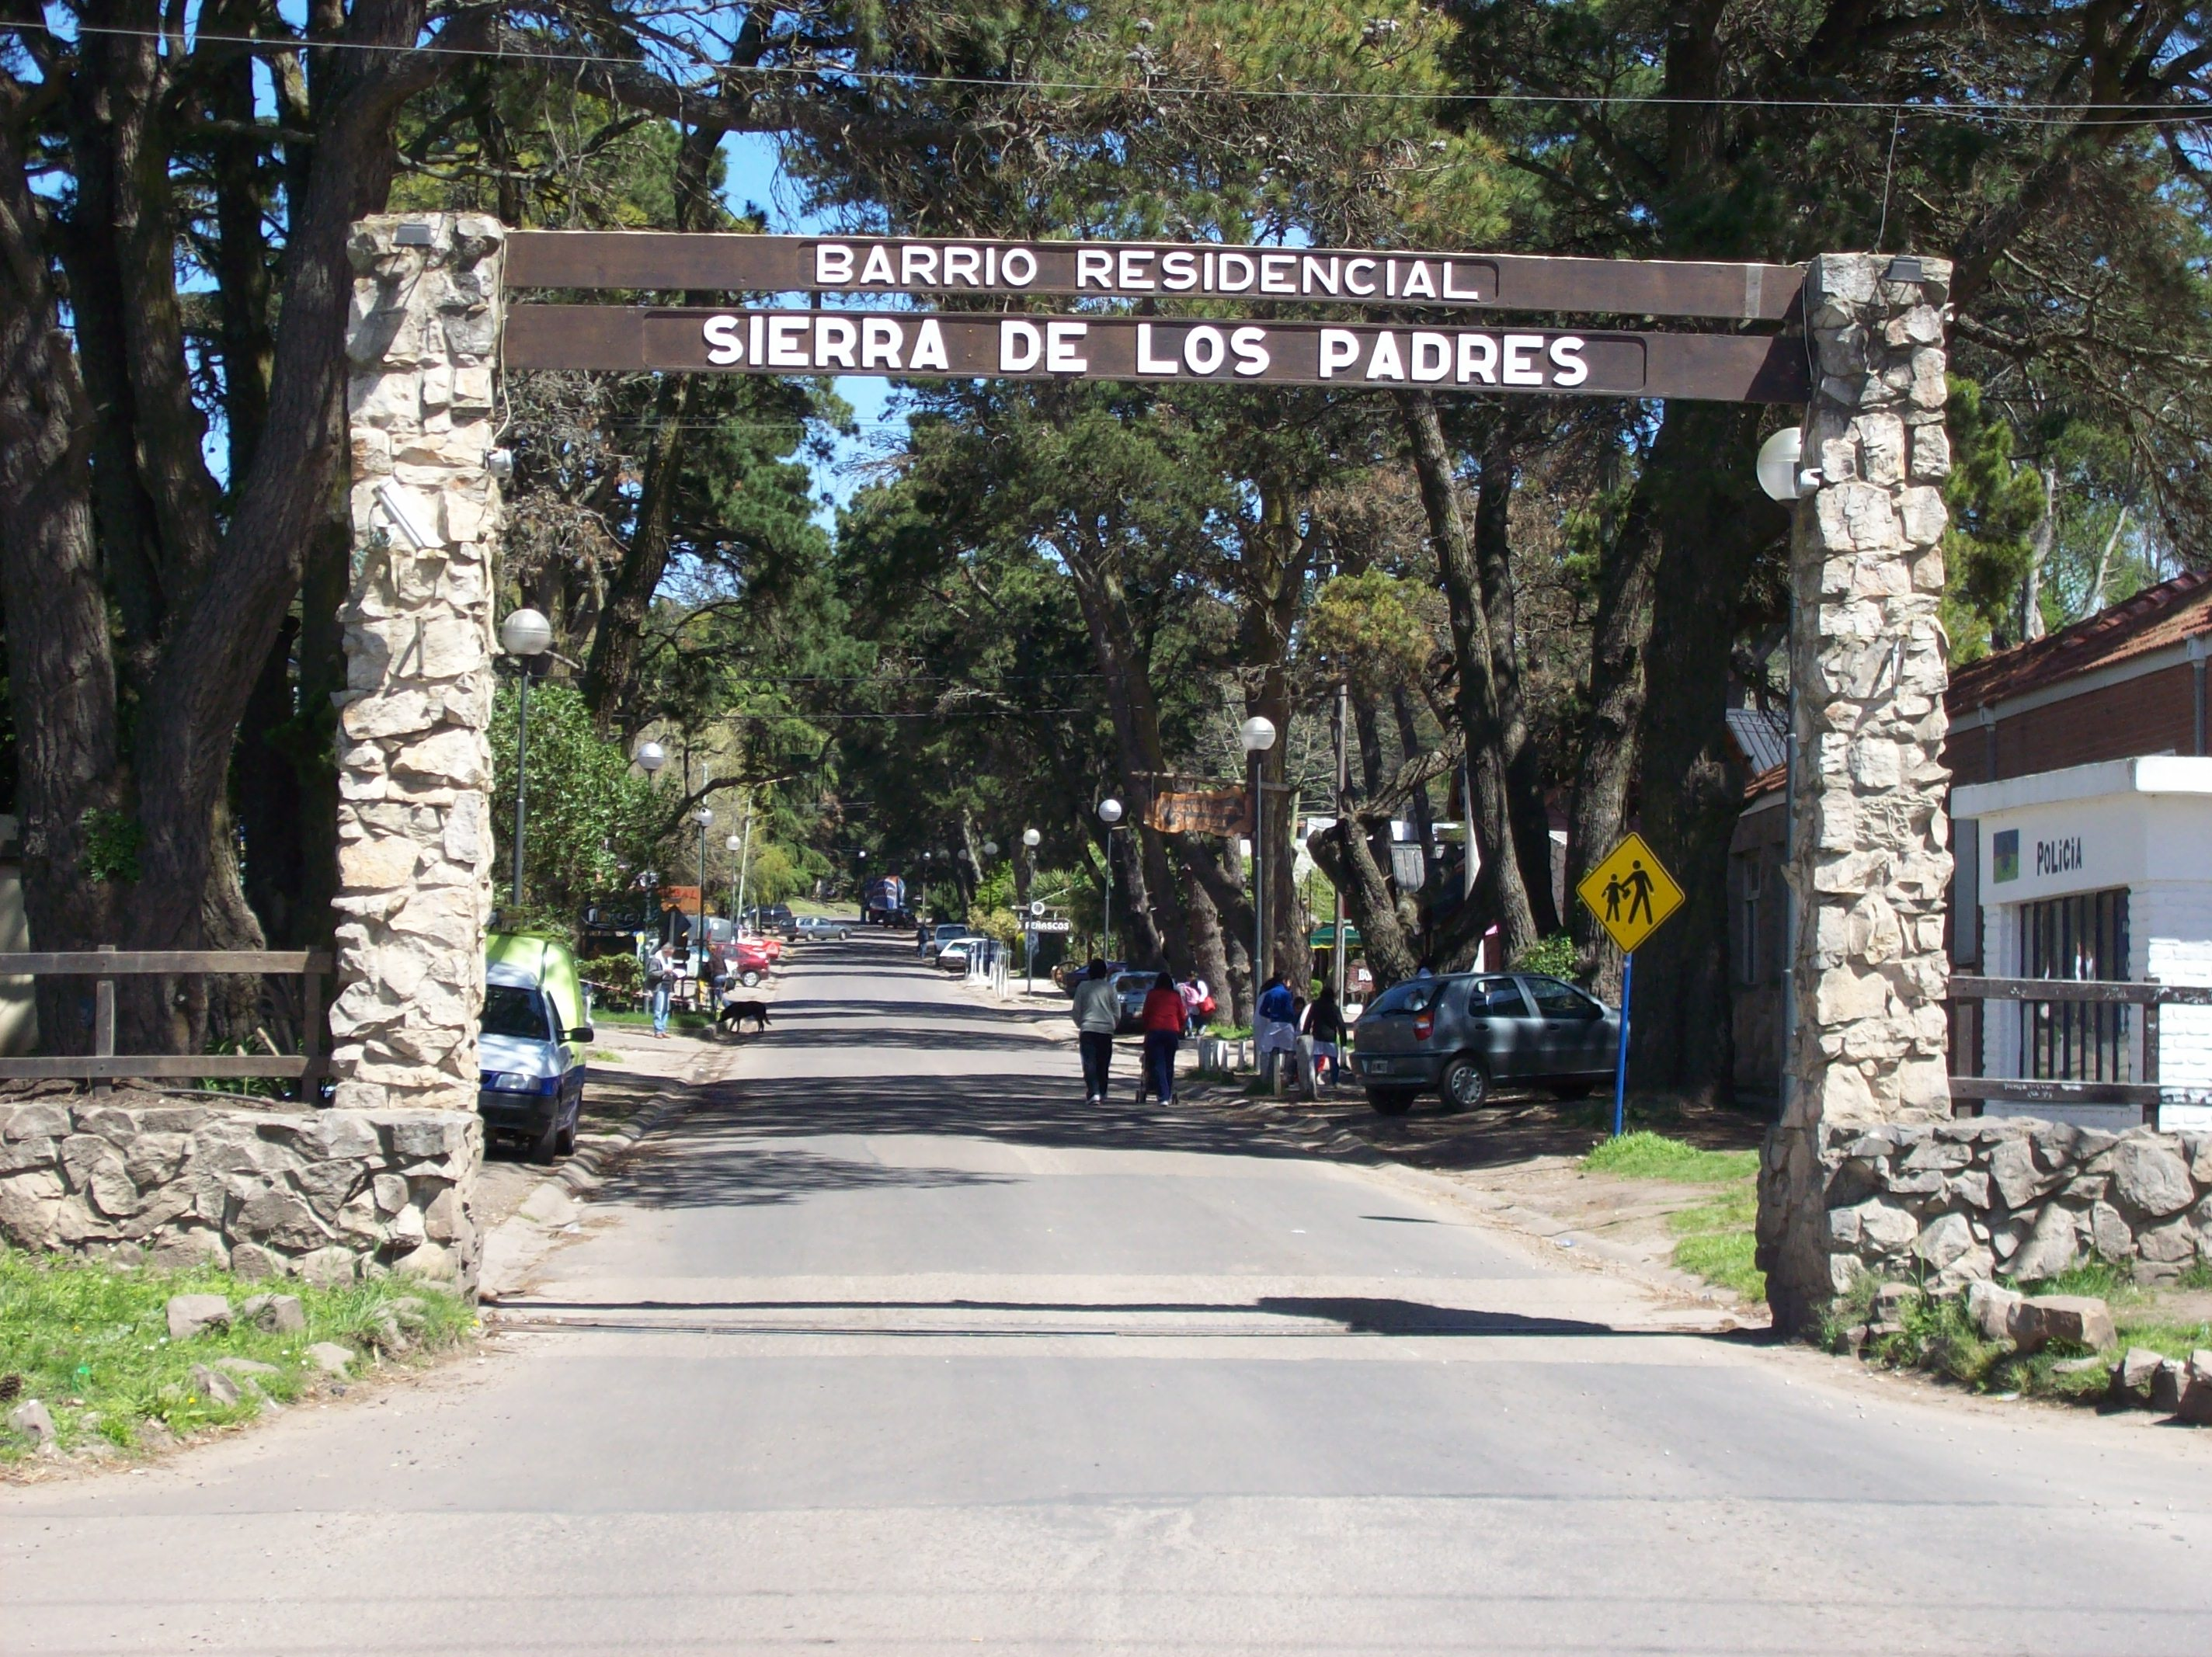 Sierra_de_los_Padres_main_entrance